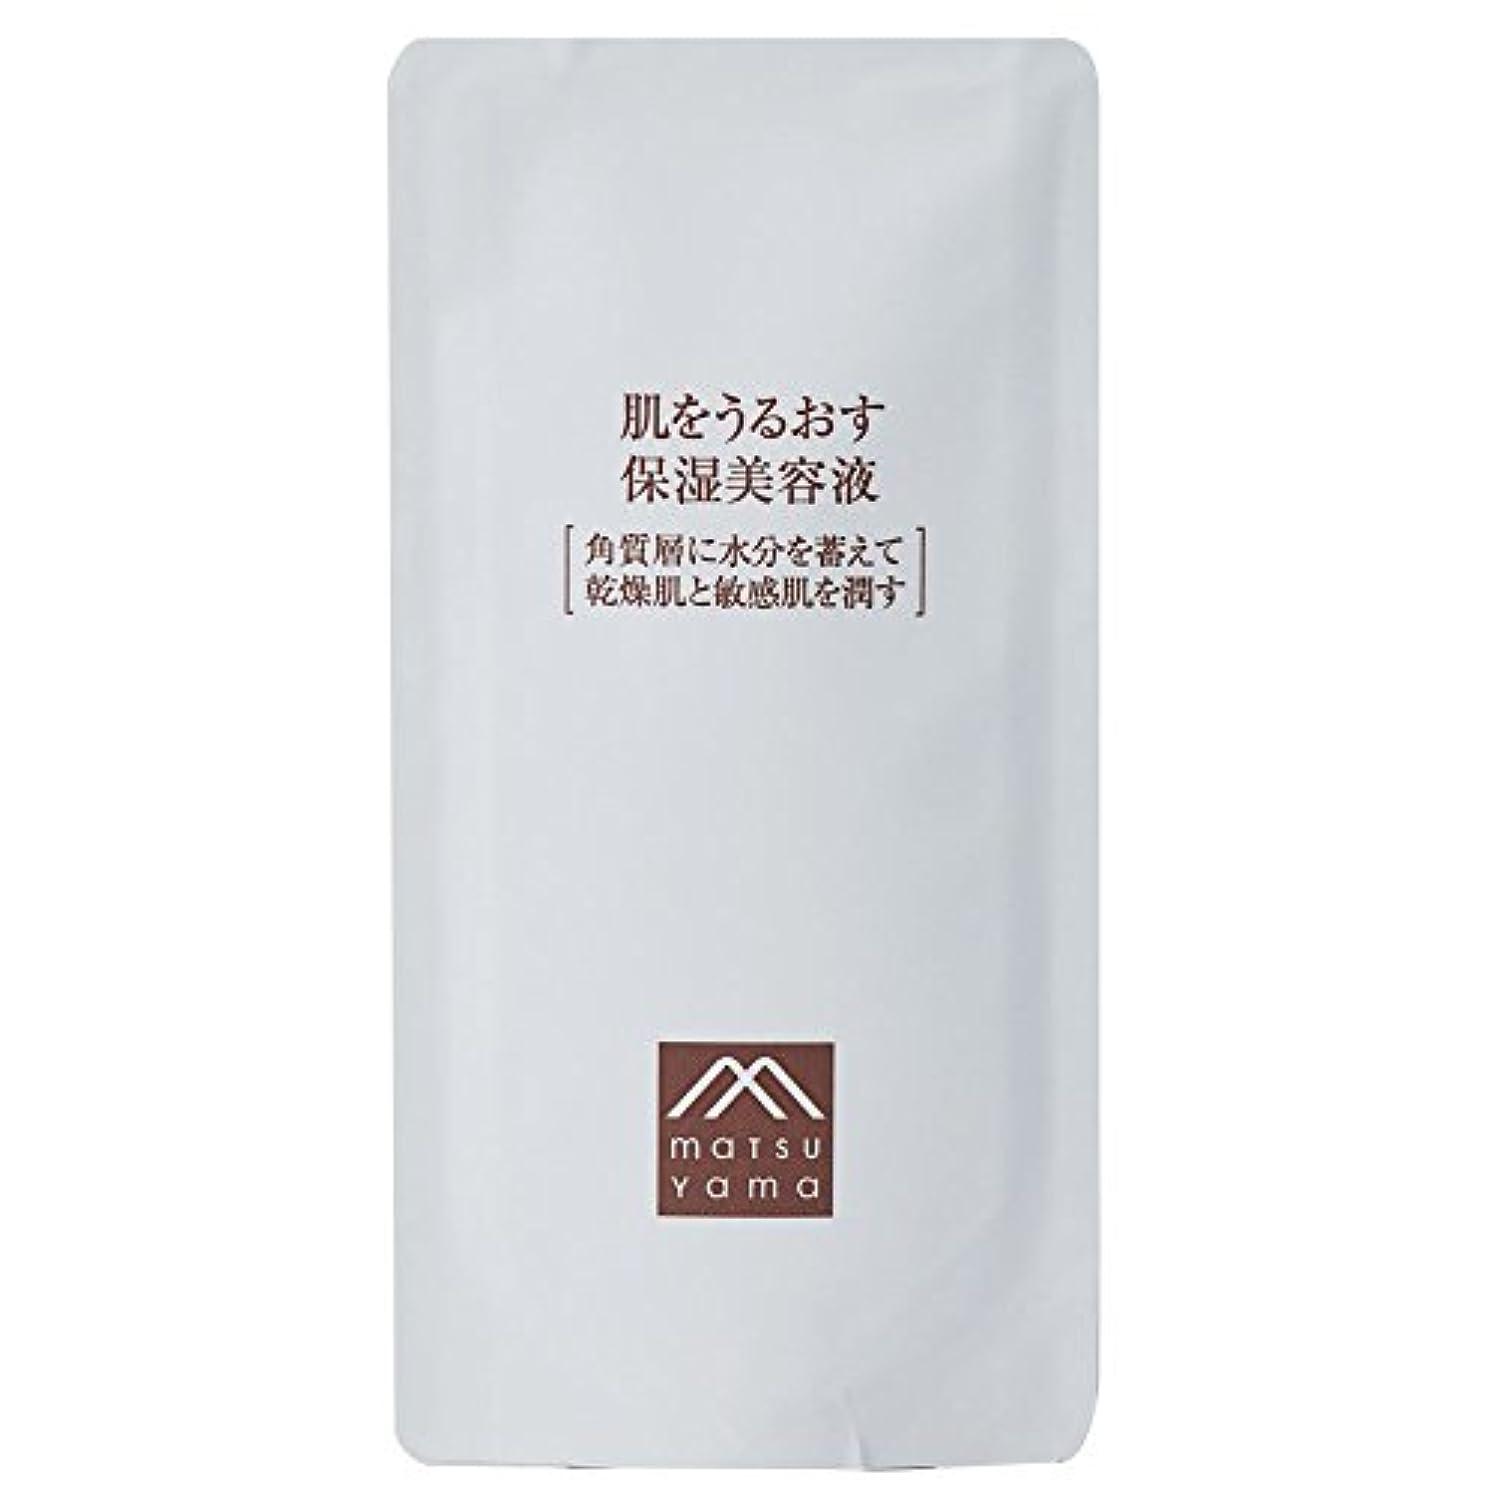 正当化するフラスコ慰め肌をうるおす保湿美容液 詰替用(美容液) [乾燥肌 敏感肌]